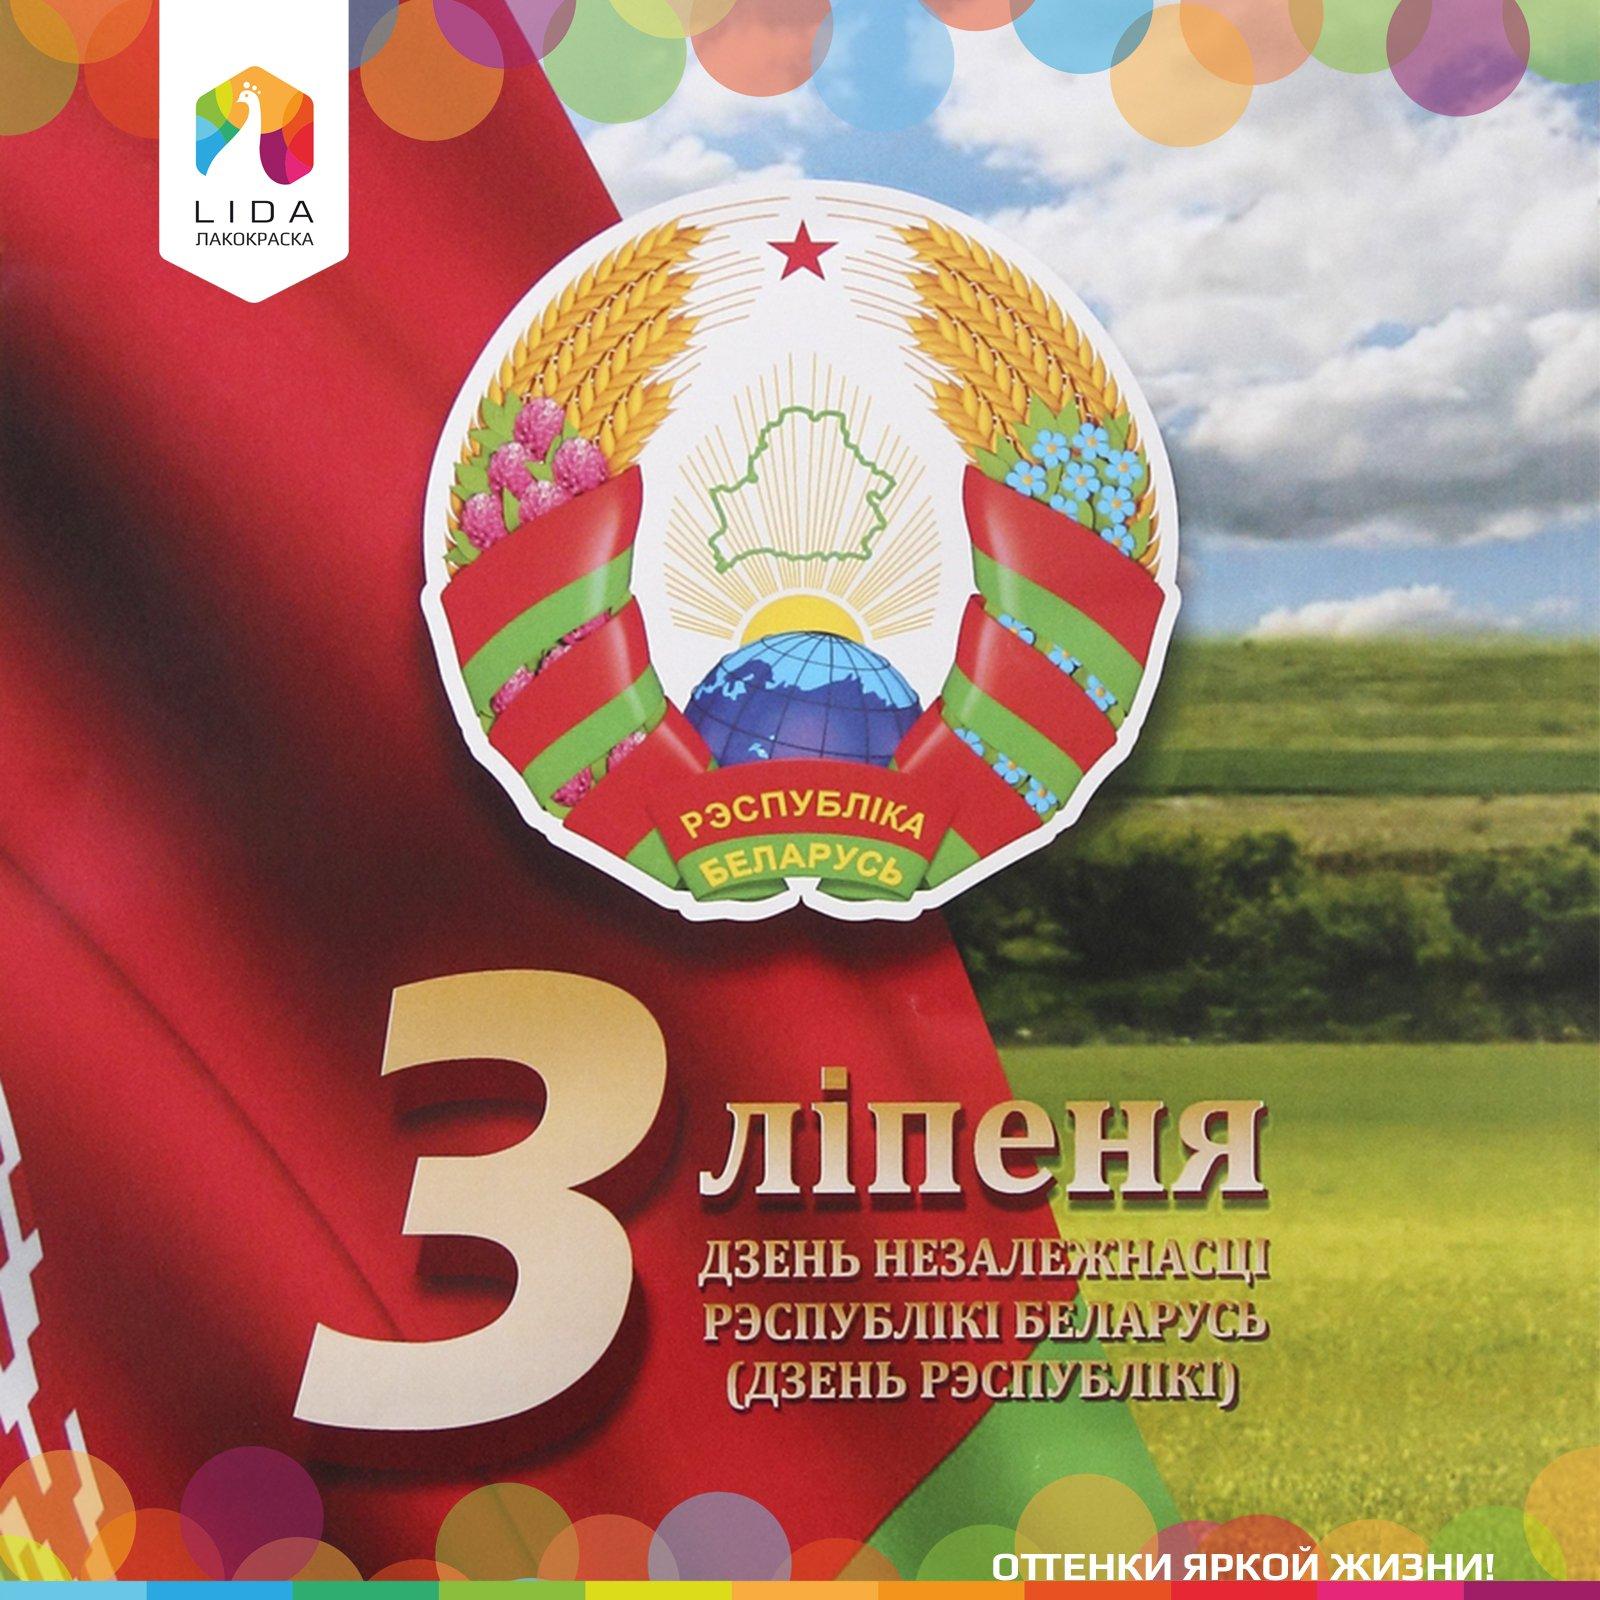 открытки про белоруссию видео следует